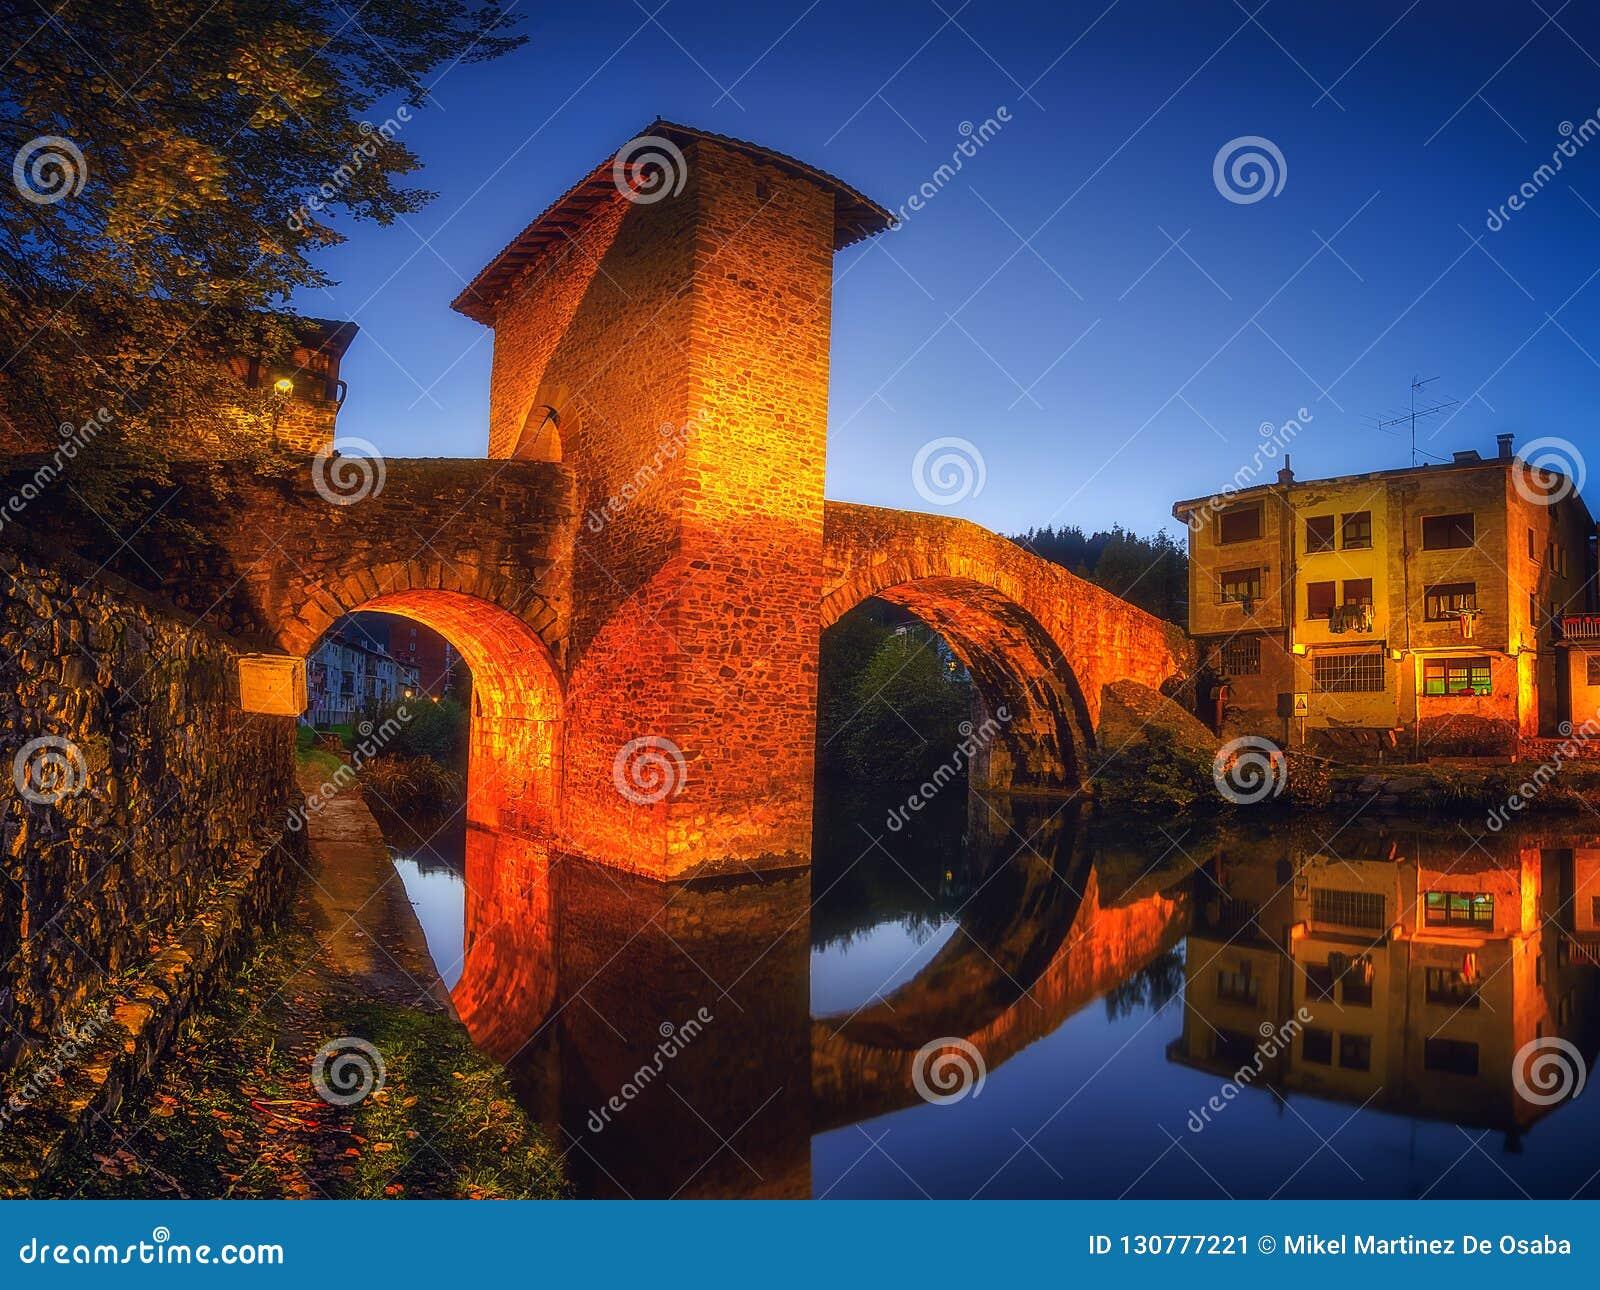 Balmaseda bridge illuminated at night